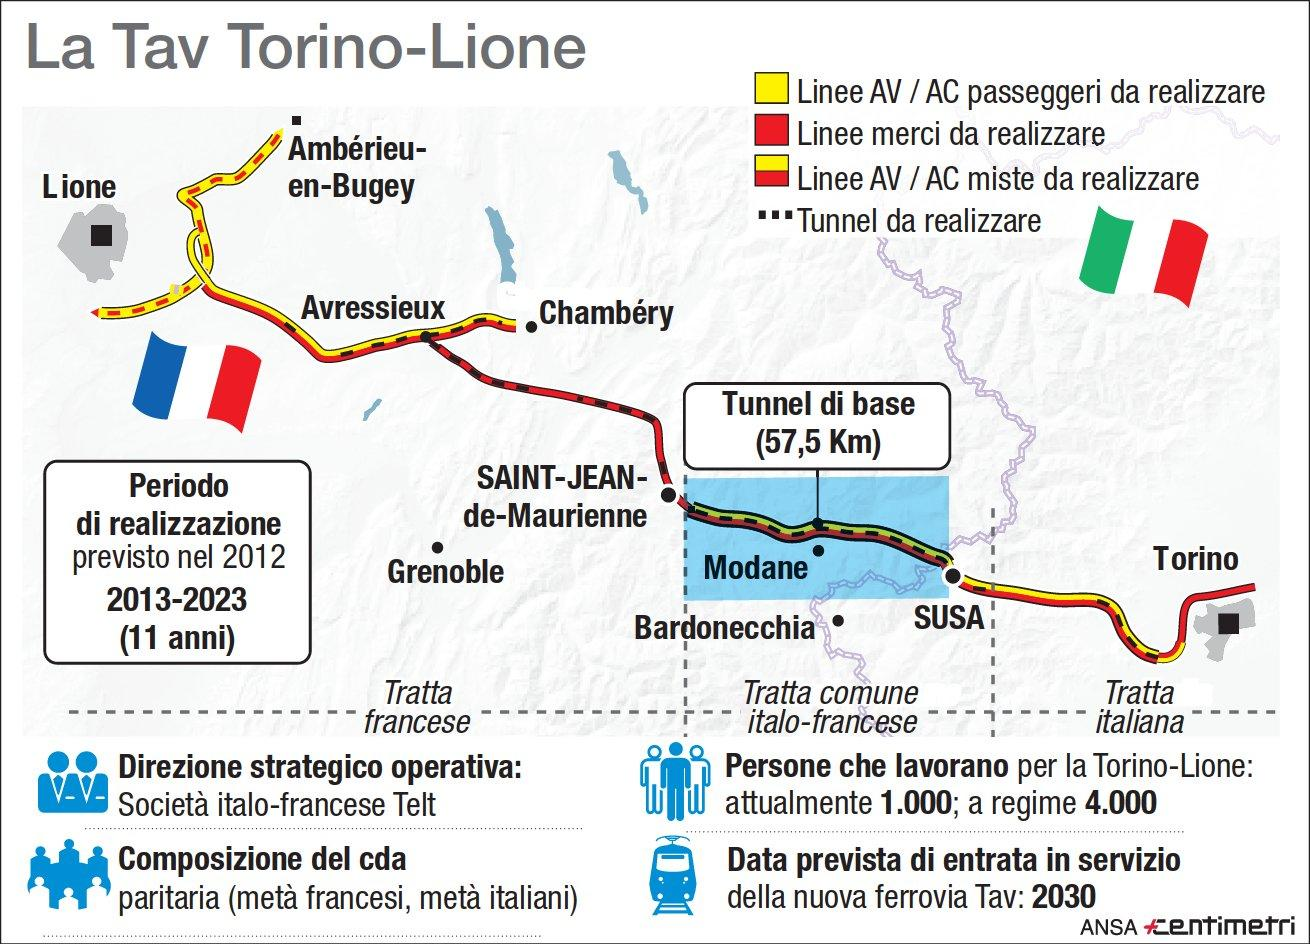 Tav, il percorso della linea Torino-Lione